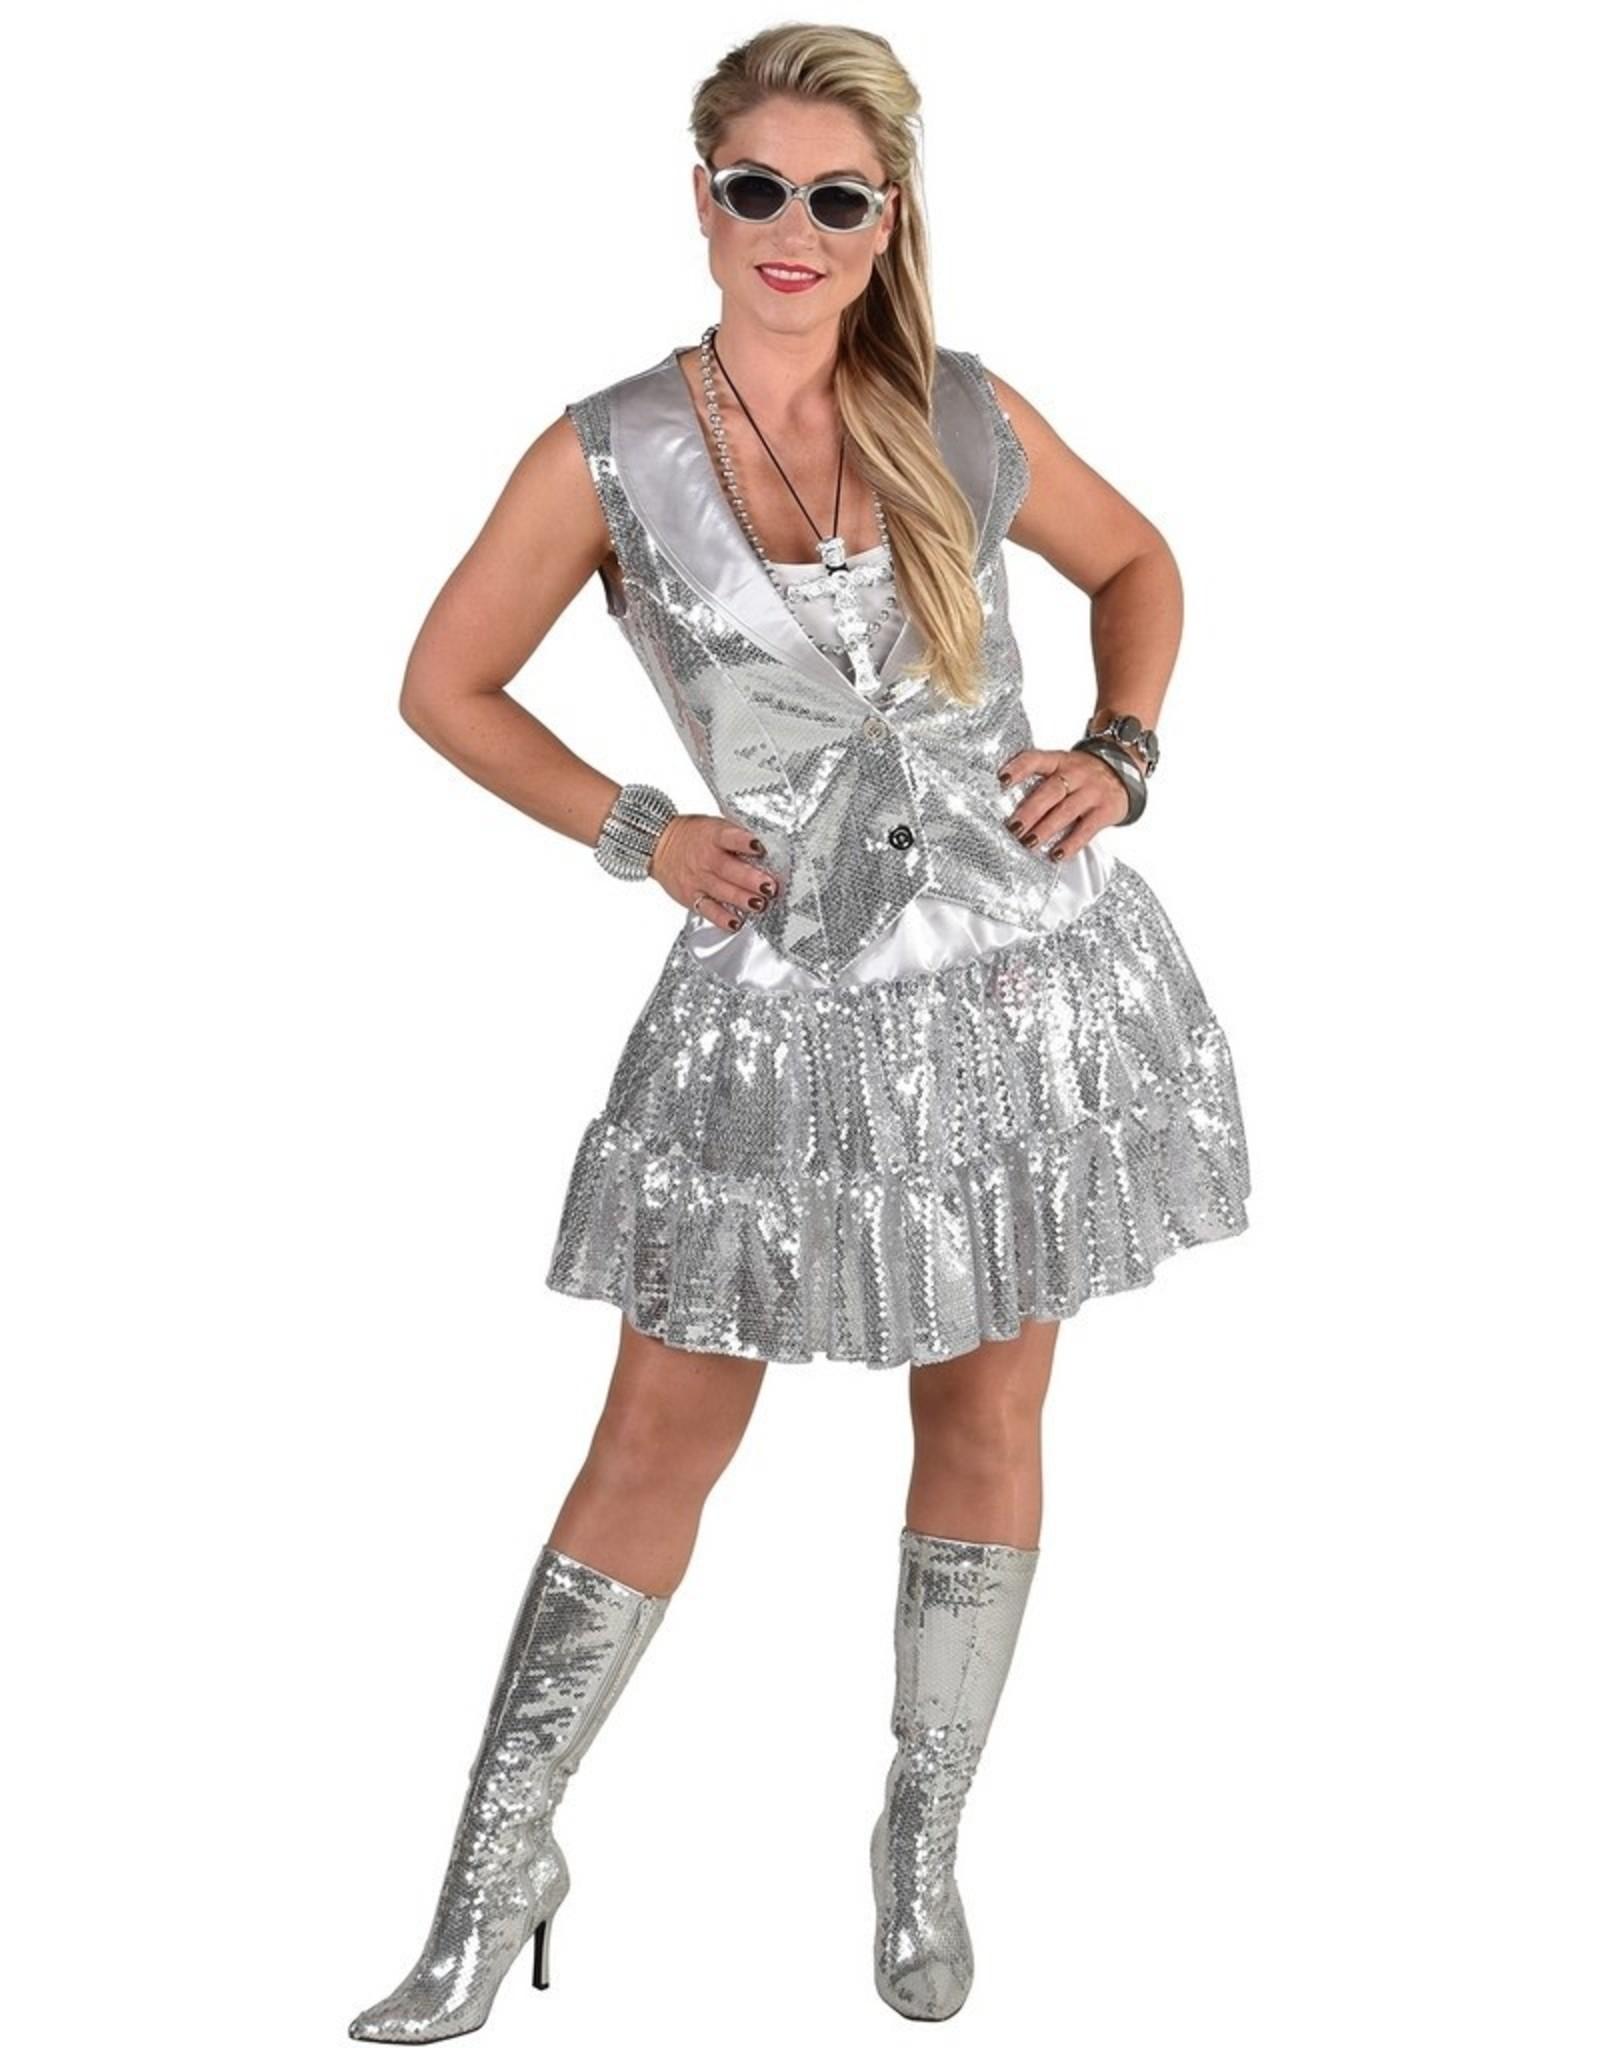 MAGIC Glittervest dames zilver huurprijs 10